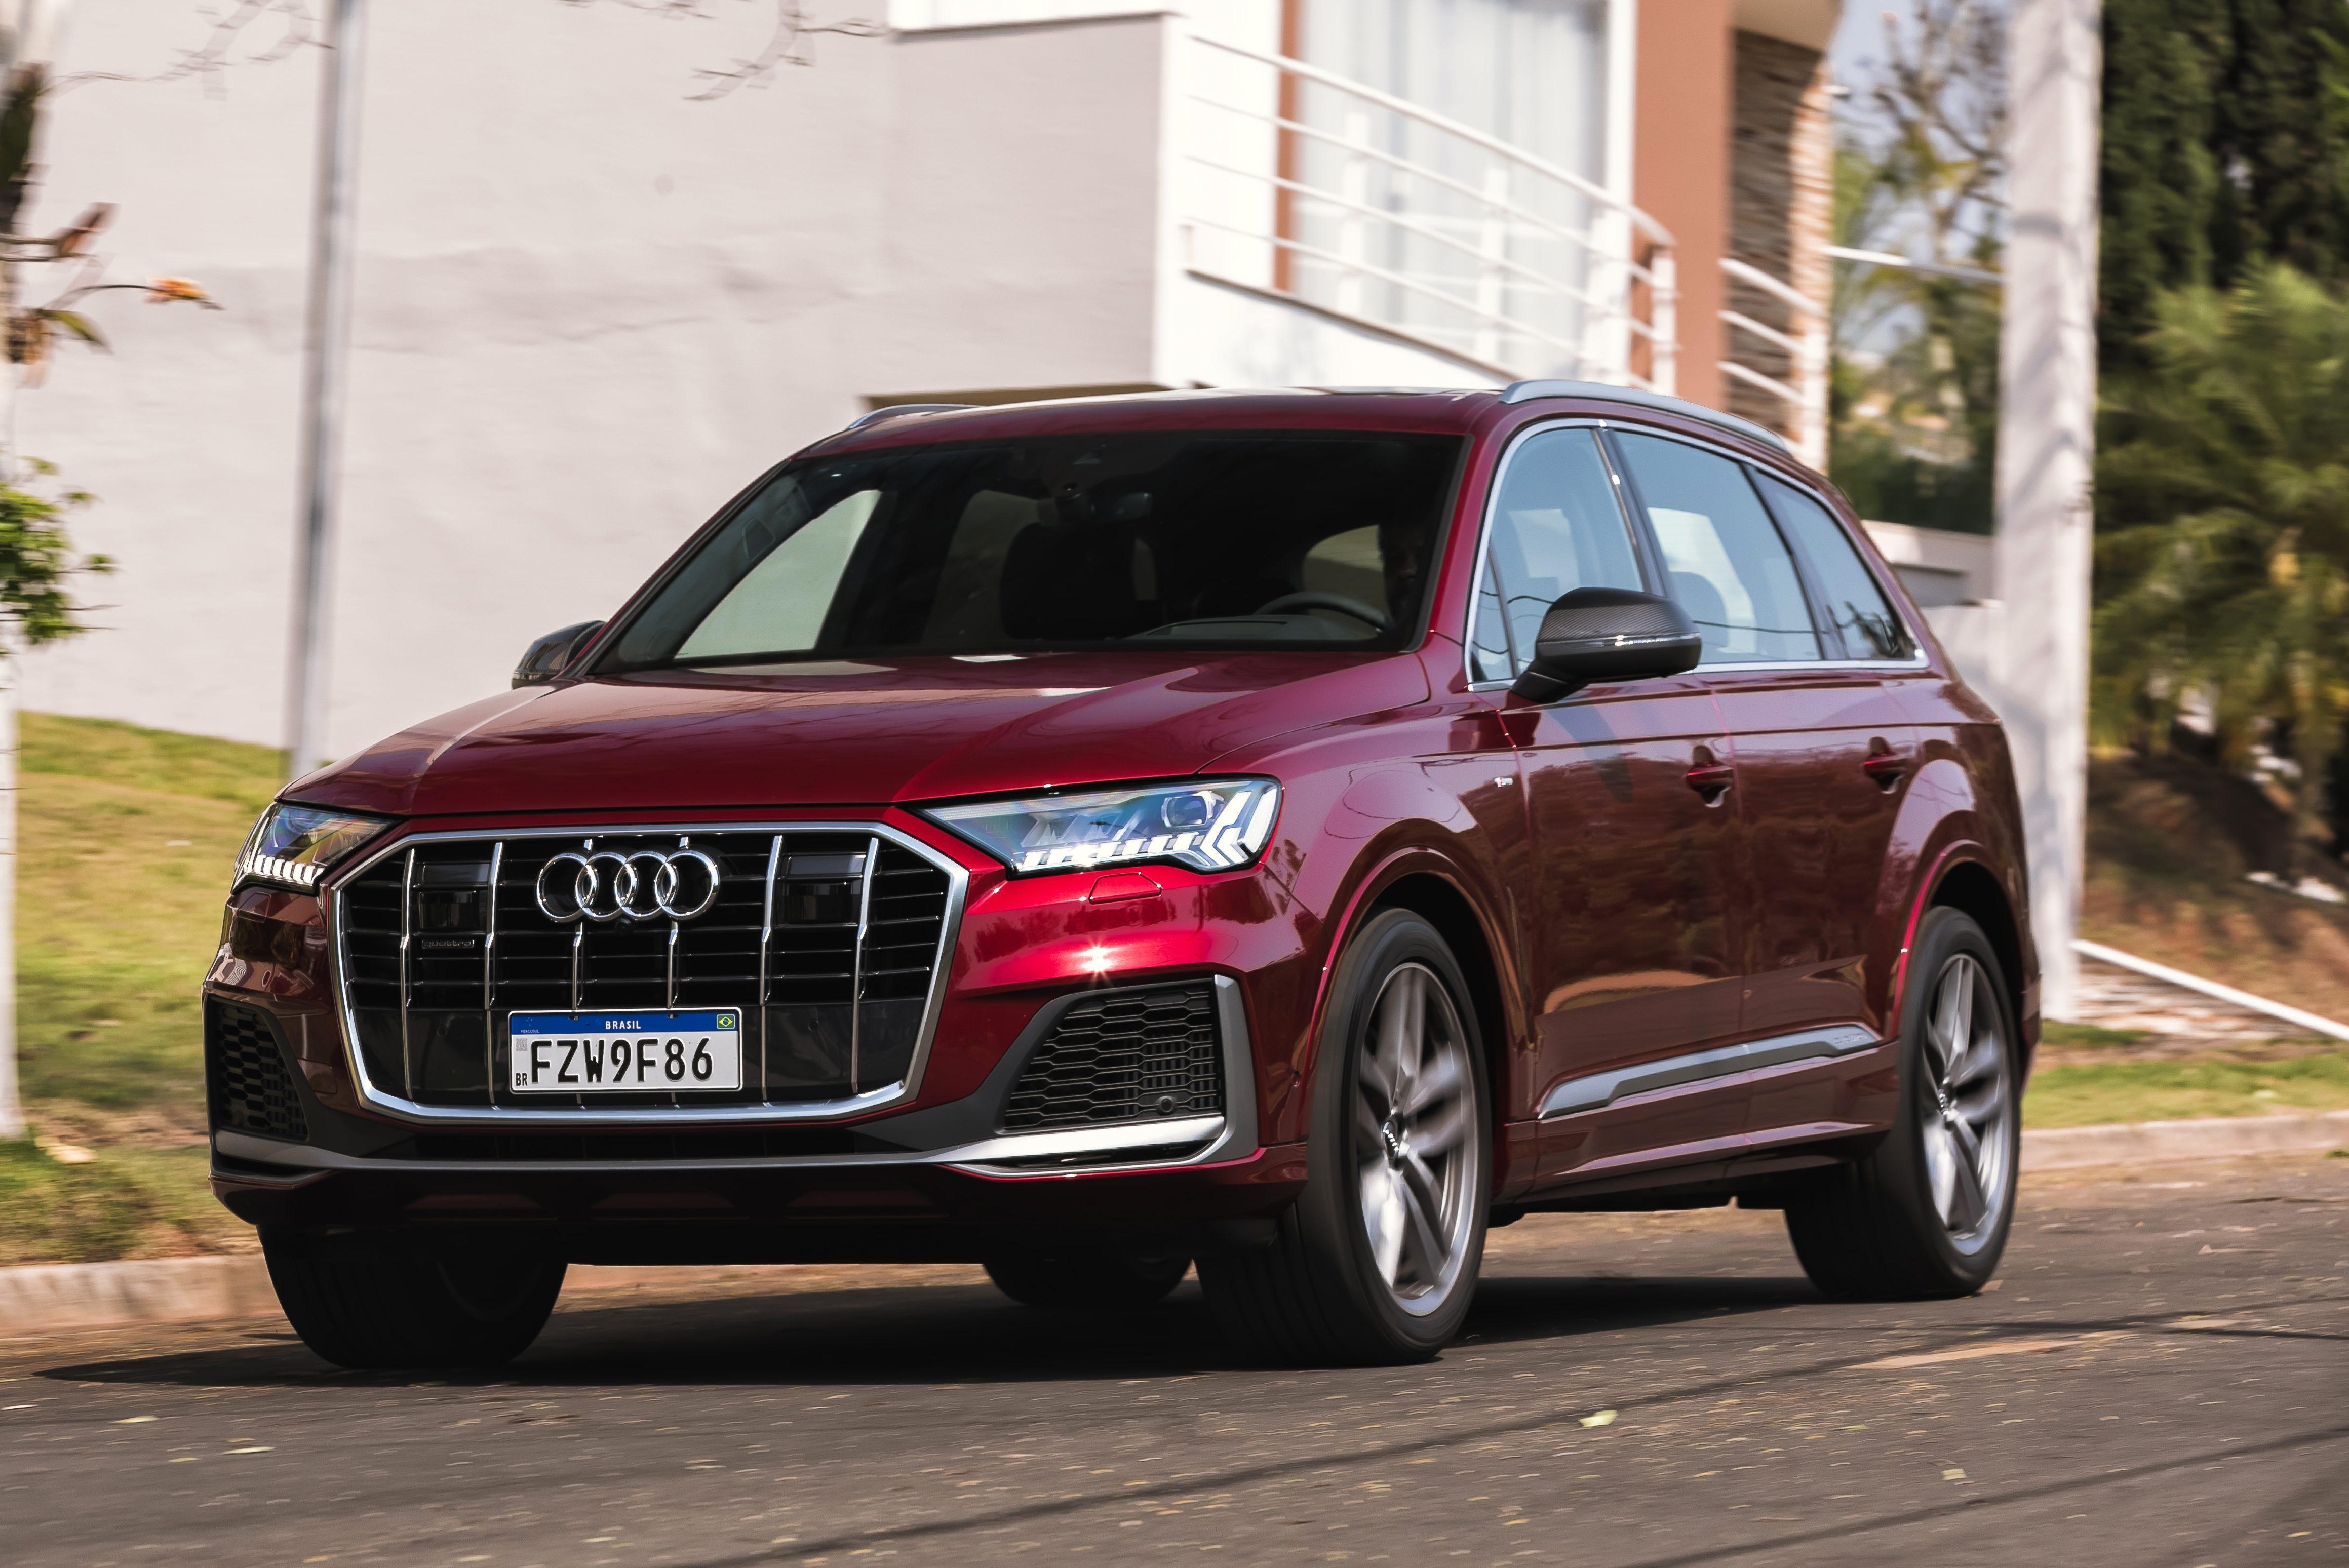 Teste: novo Audi Q7 muda para melhor em linha 2021